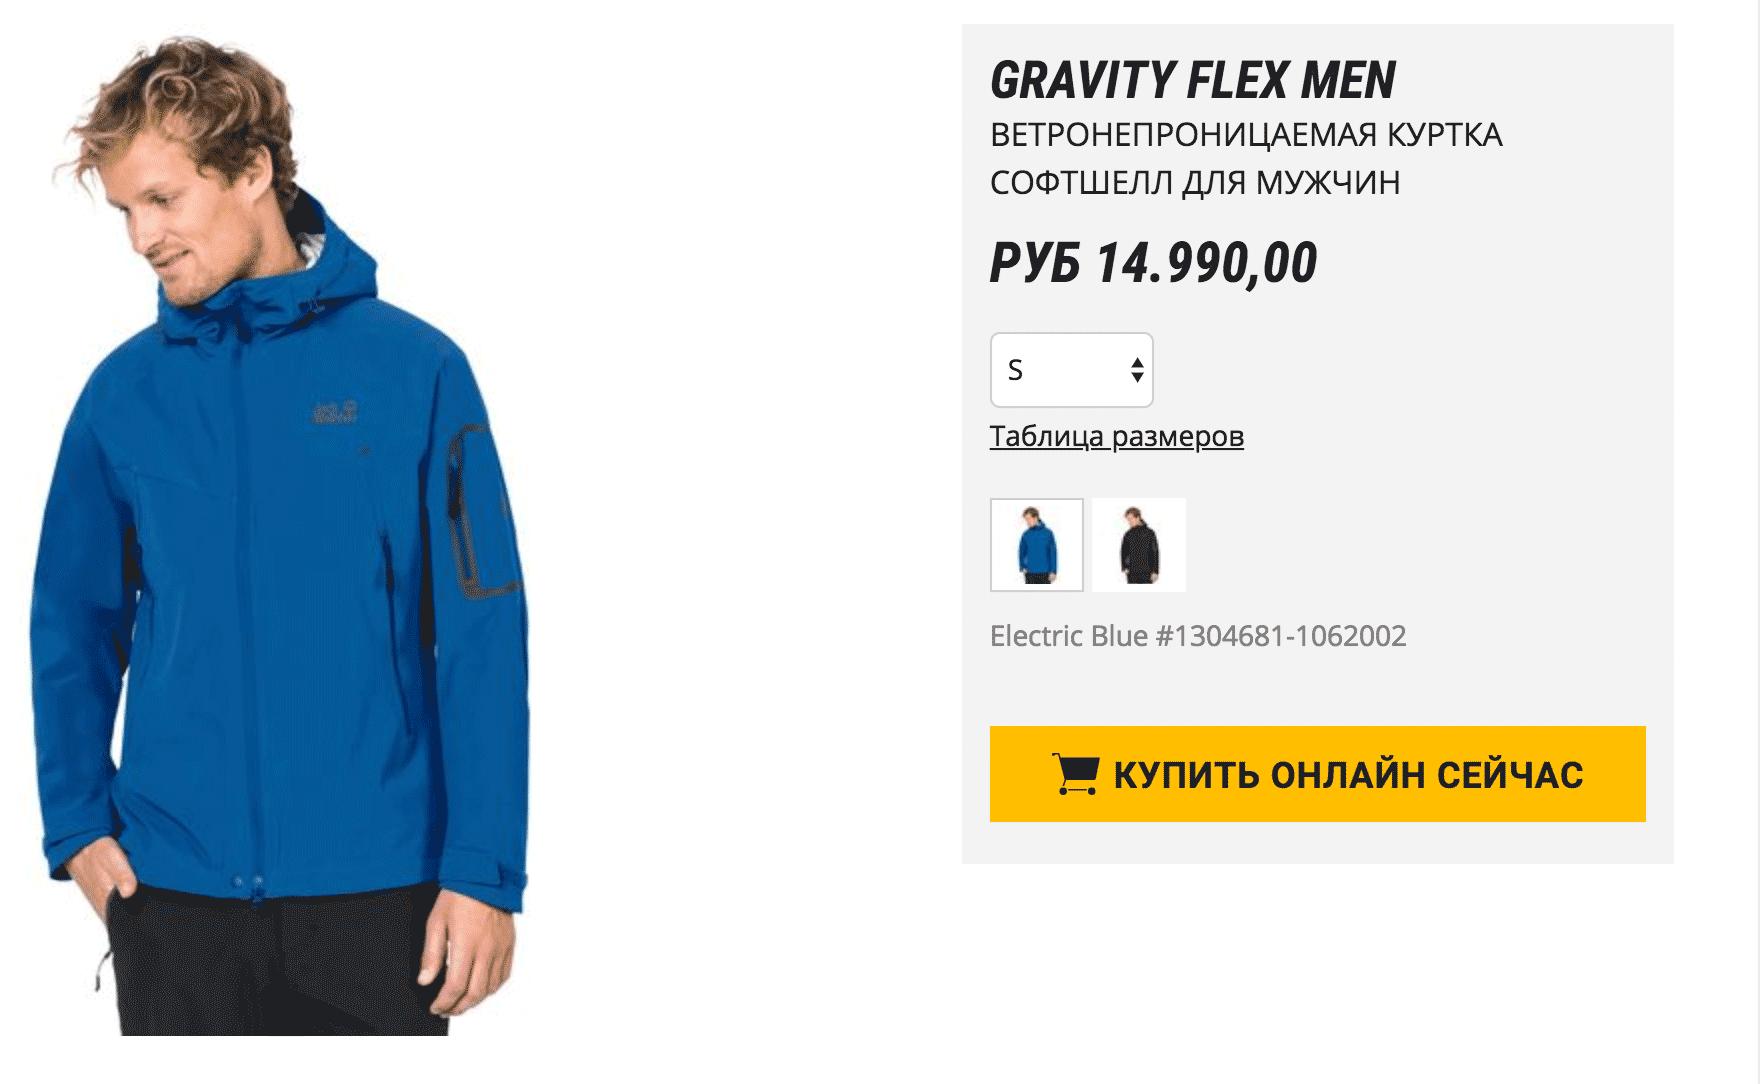 Куртка «Джек-вольфскин» на сайте производителя, 28 990 р.